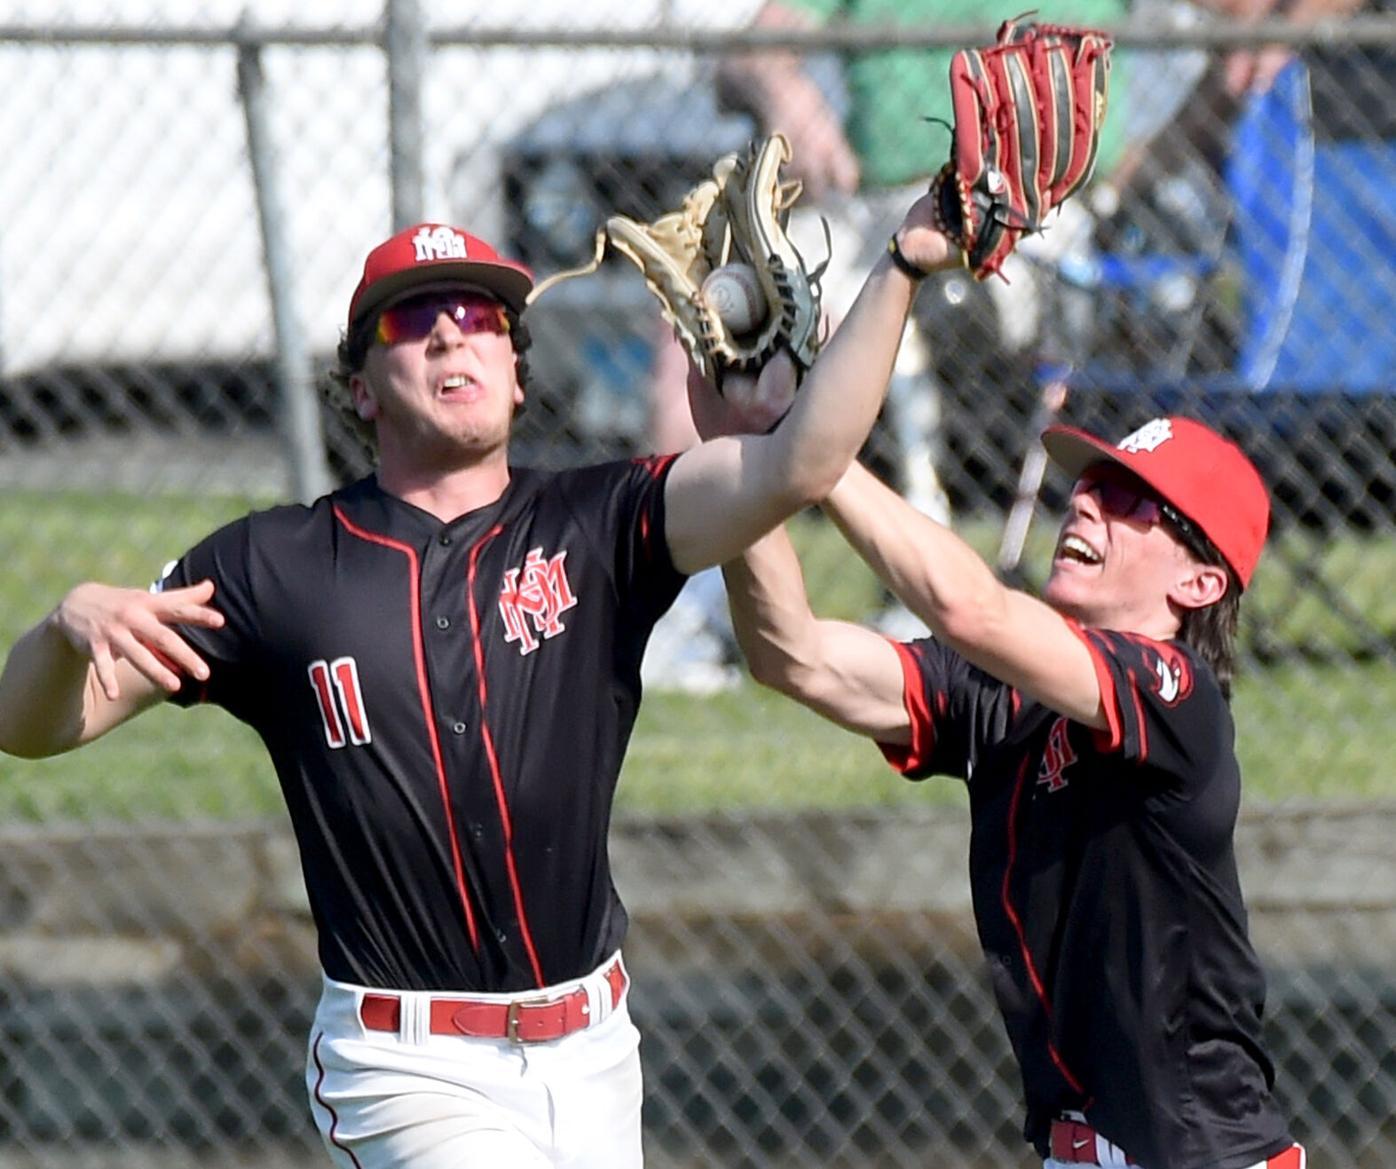 051921 MA EC Baseball 01.jpg